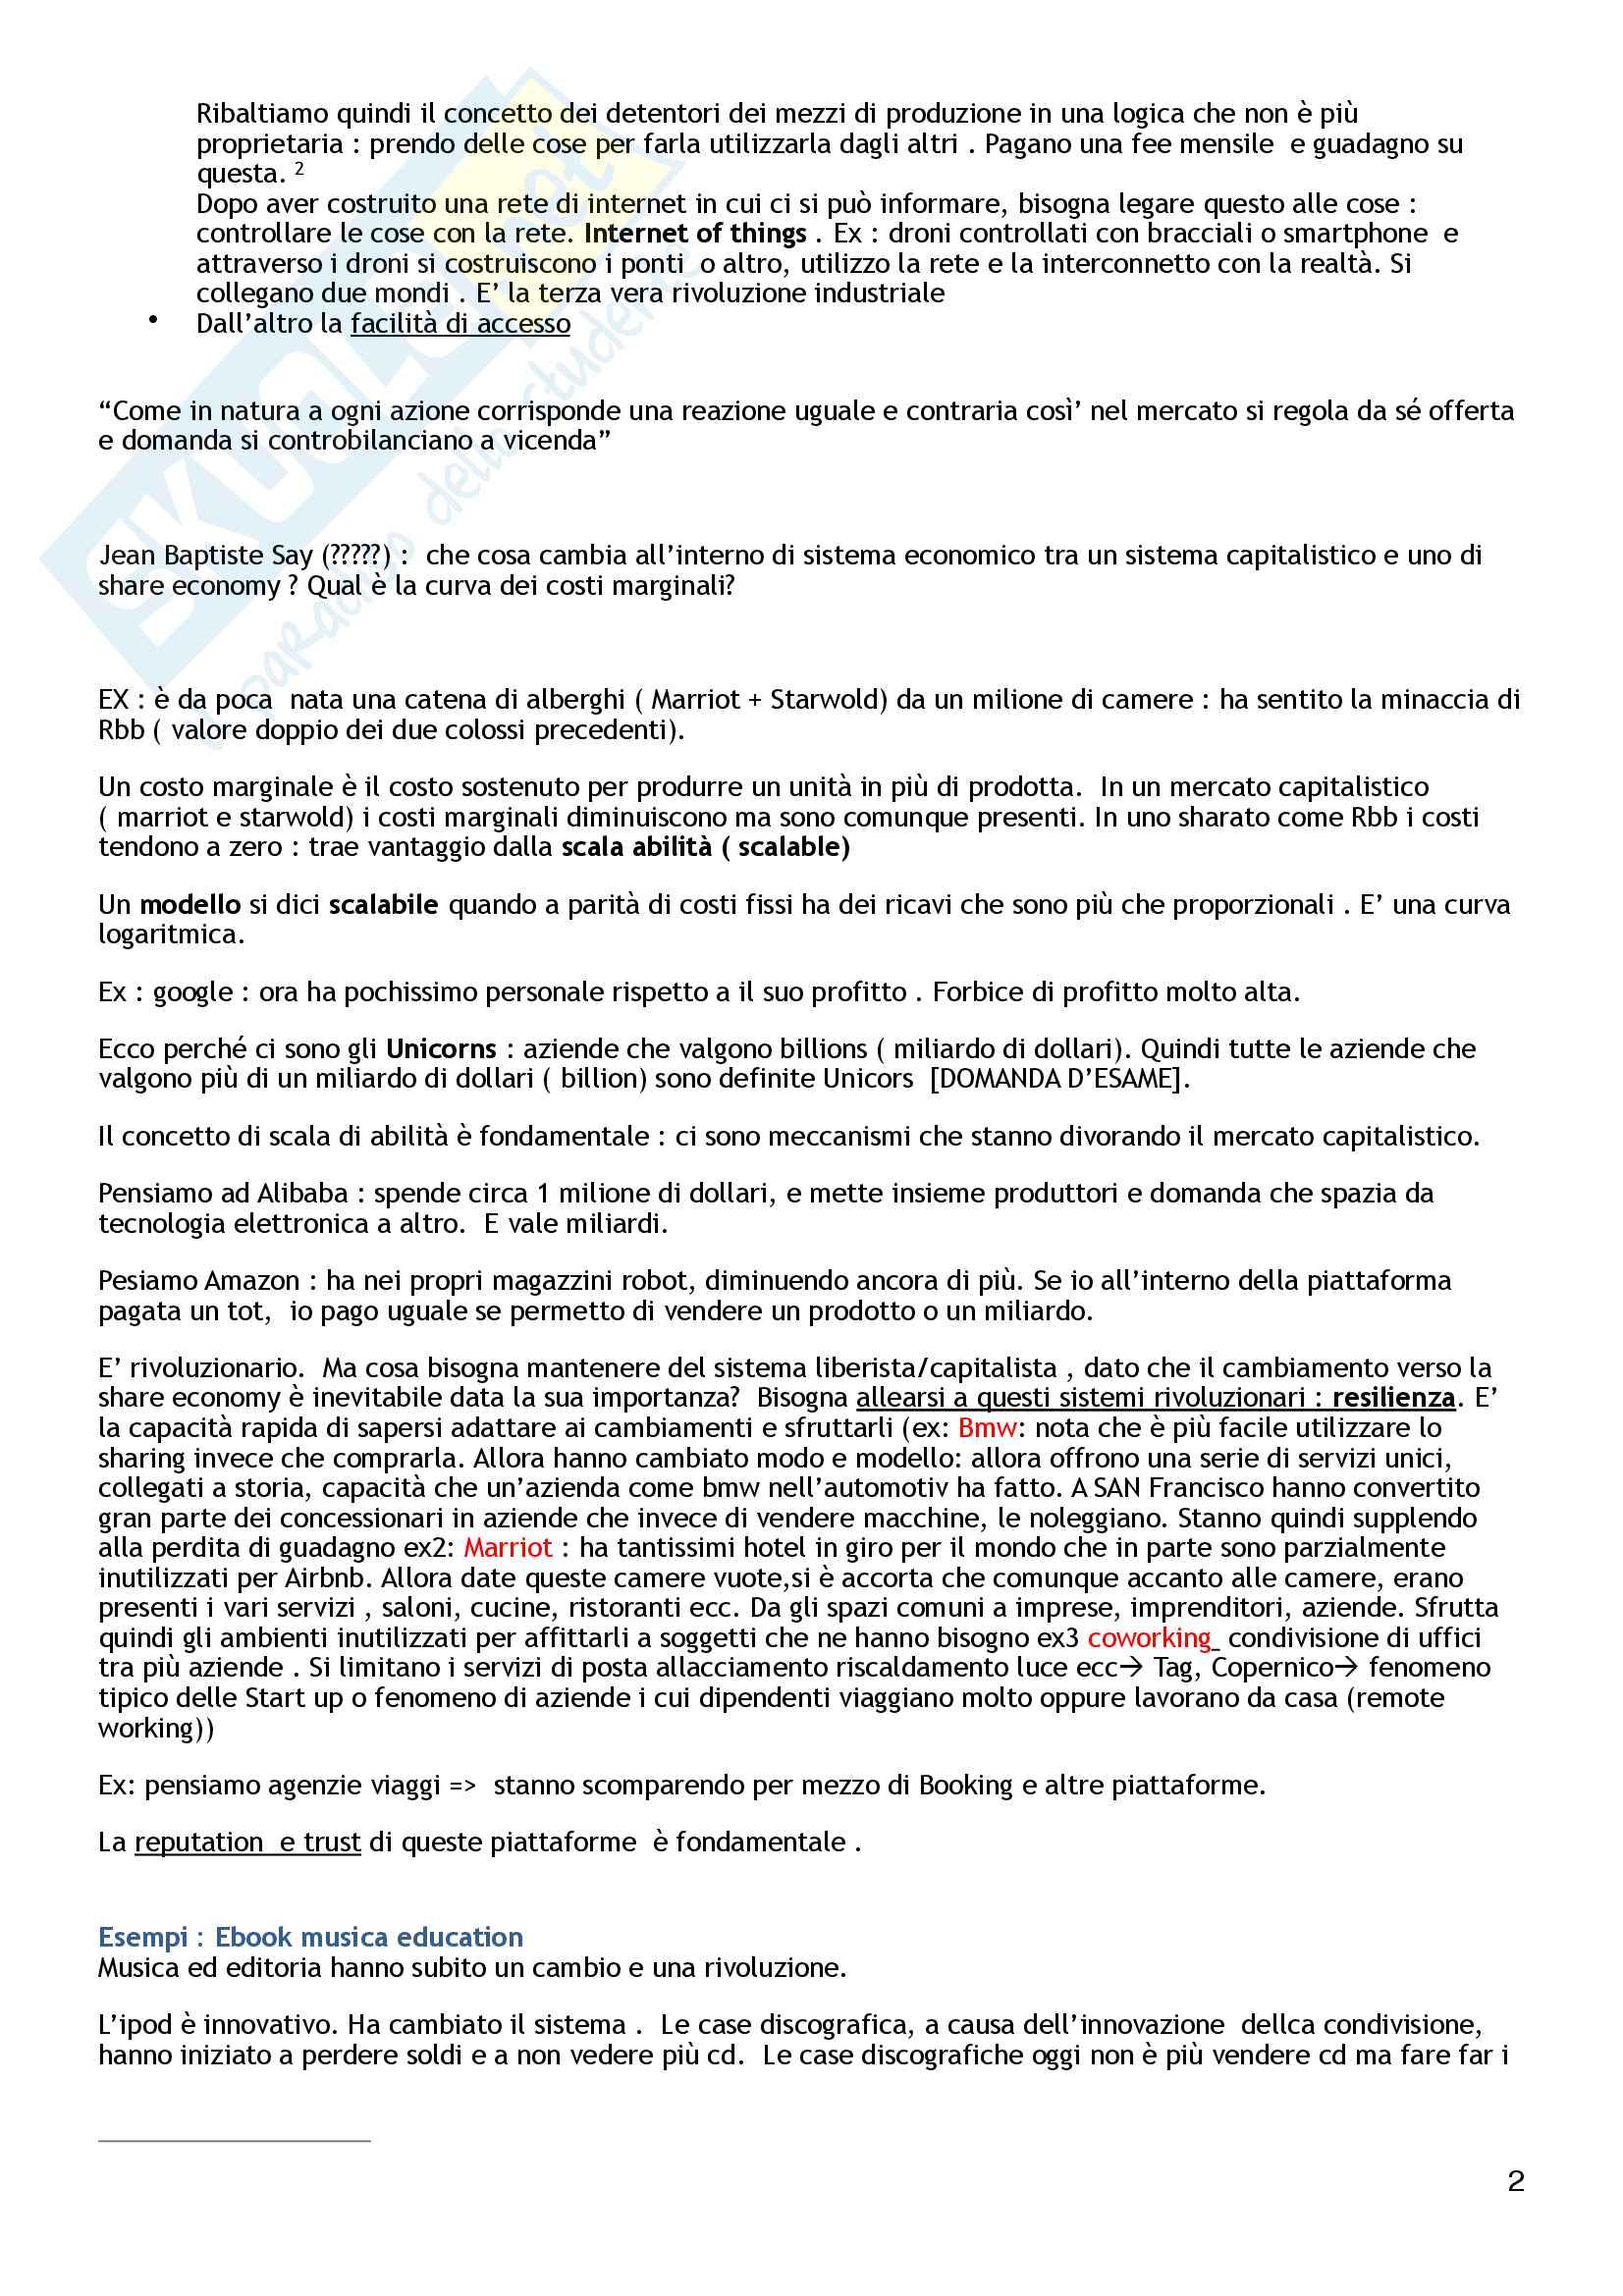 Strategia e Politica Aziendale  - 2°Parziale Pag. 2